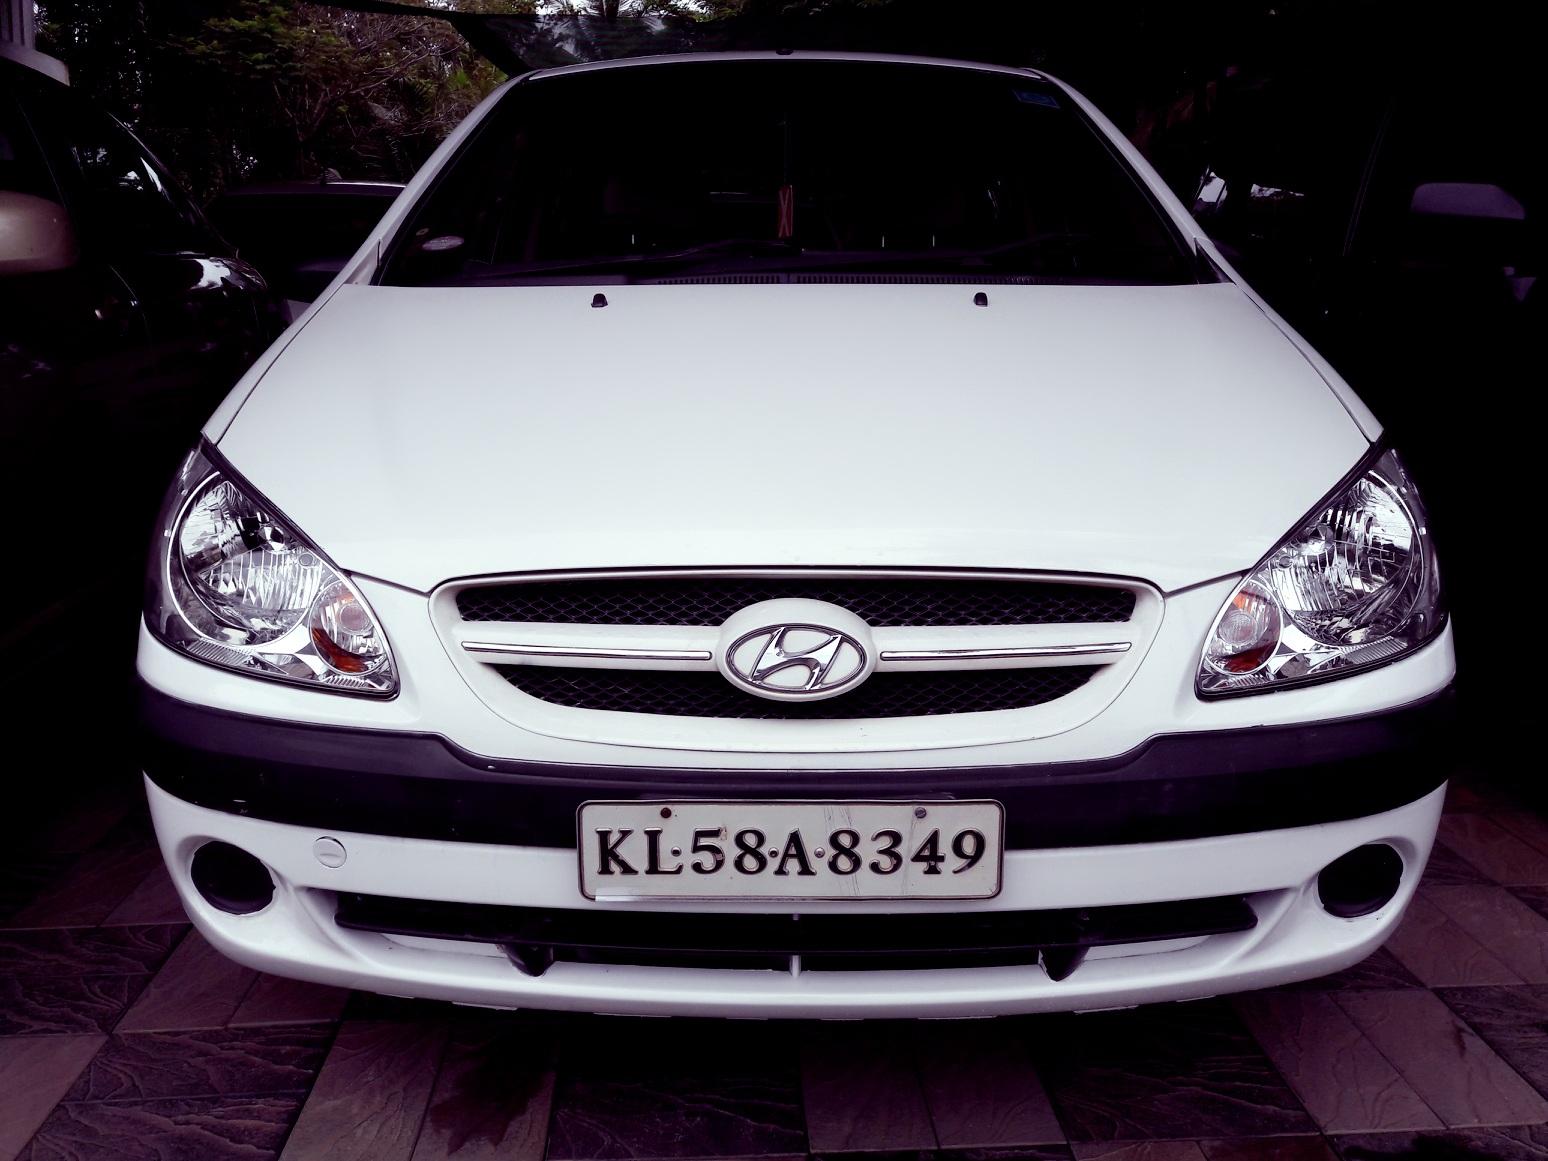 2008 Used Hyundai Getz Prime 1.1 GVS